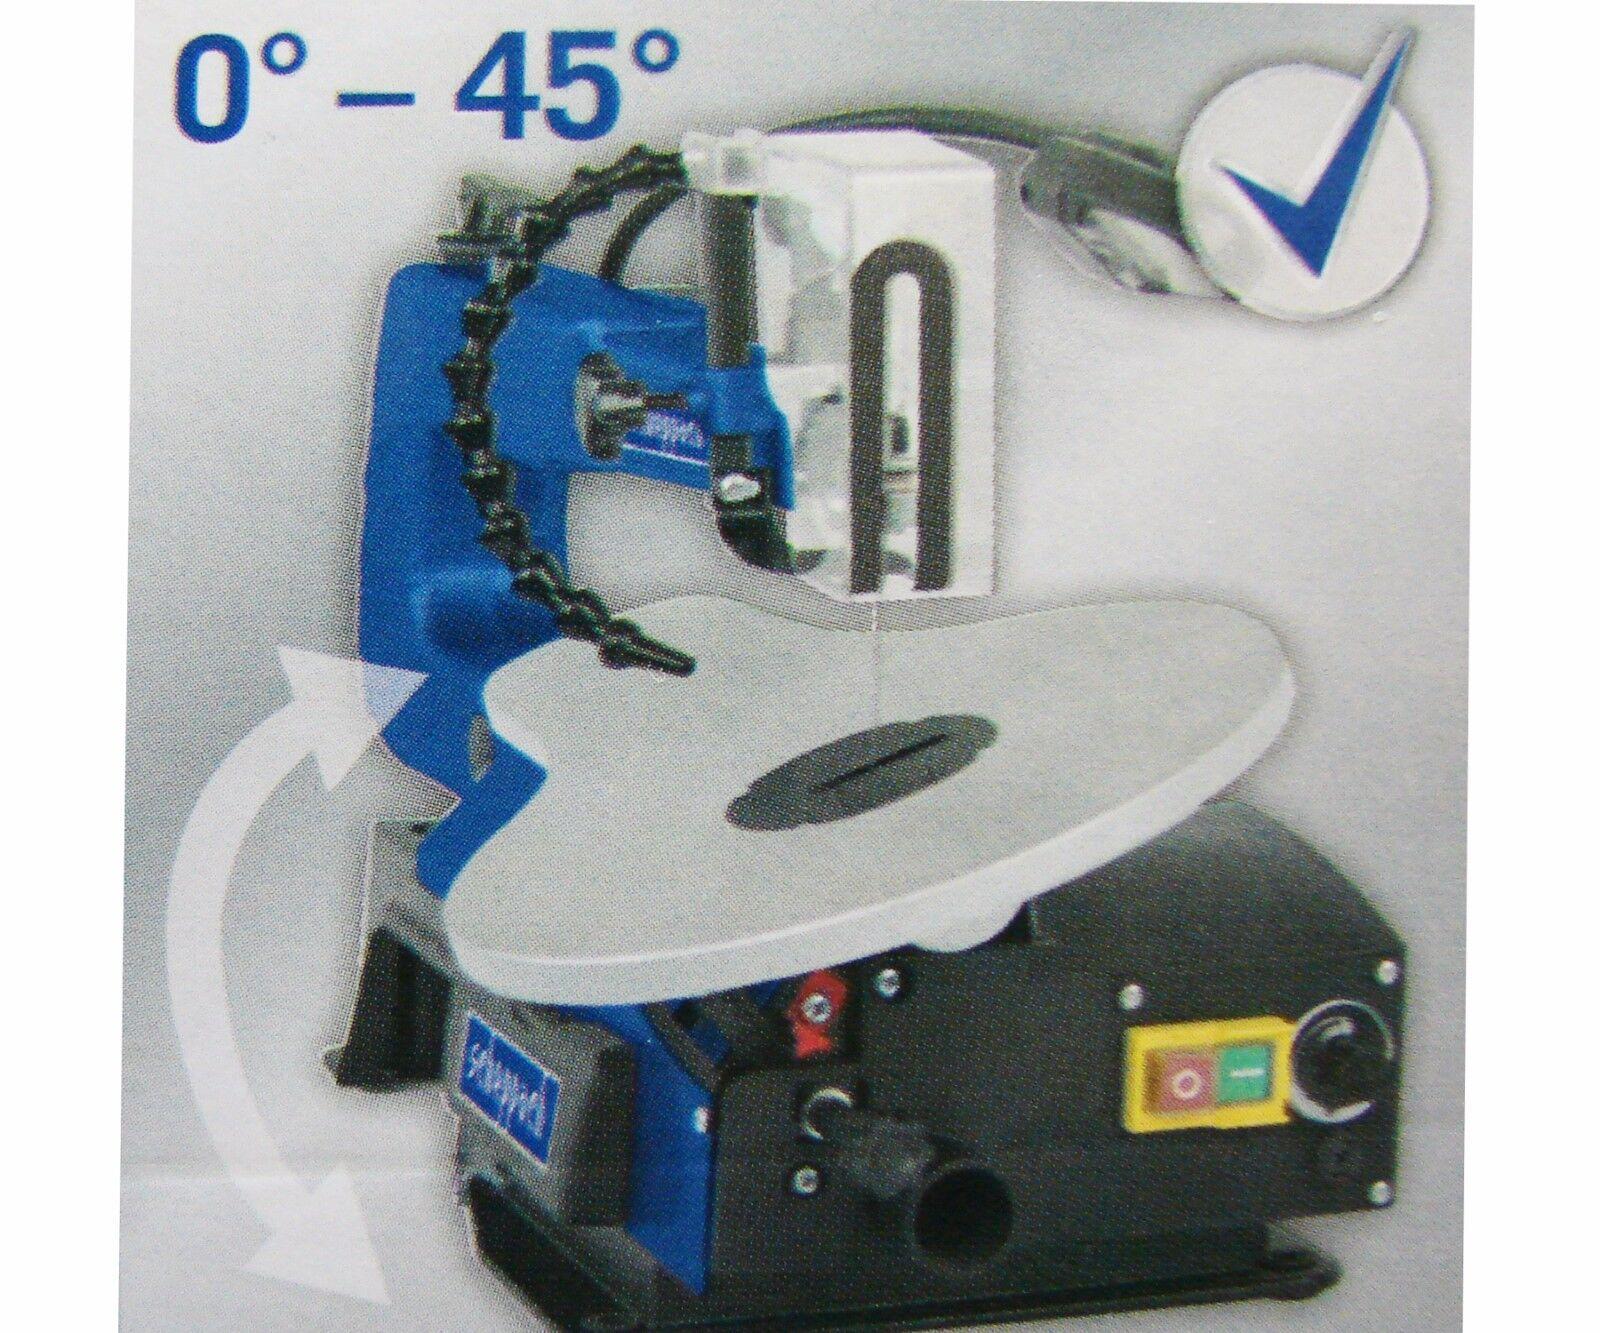 Scheppach Dekupiersäge Säge 120W Kreissäge LED Stichsäge Laubsäge SD1600V ohne